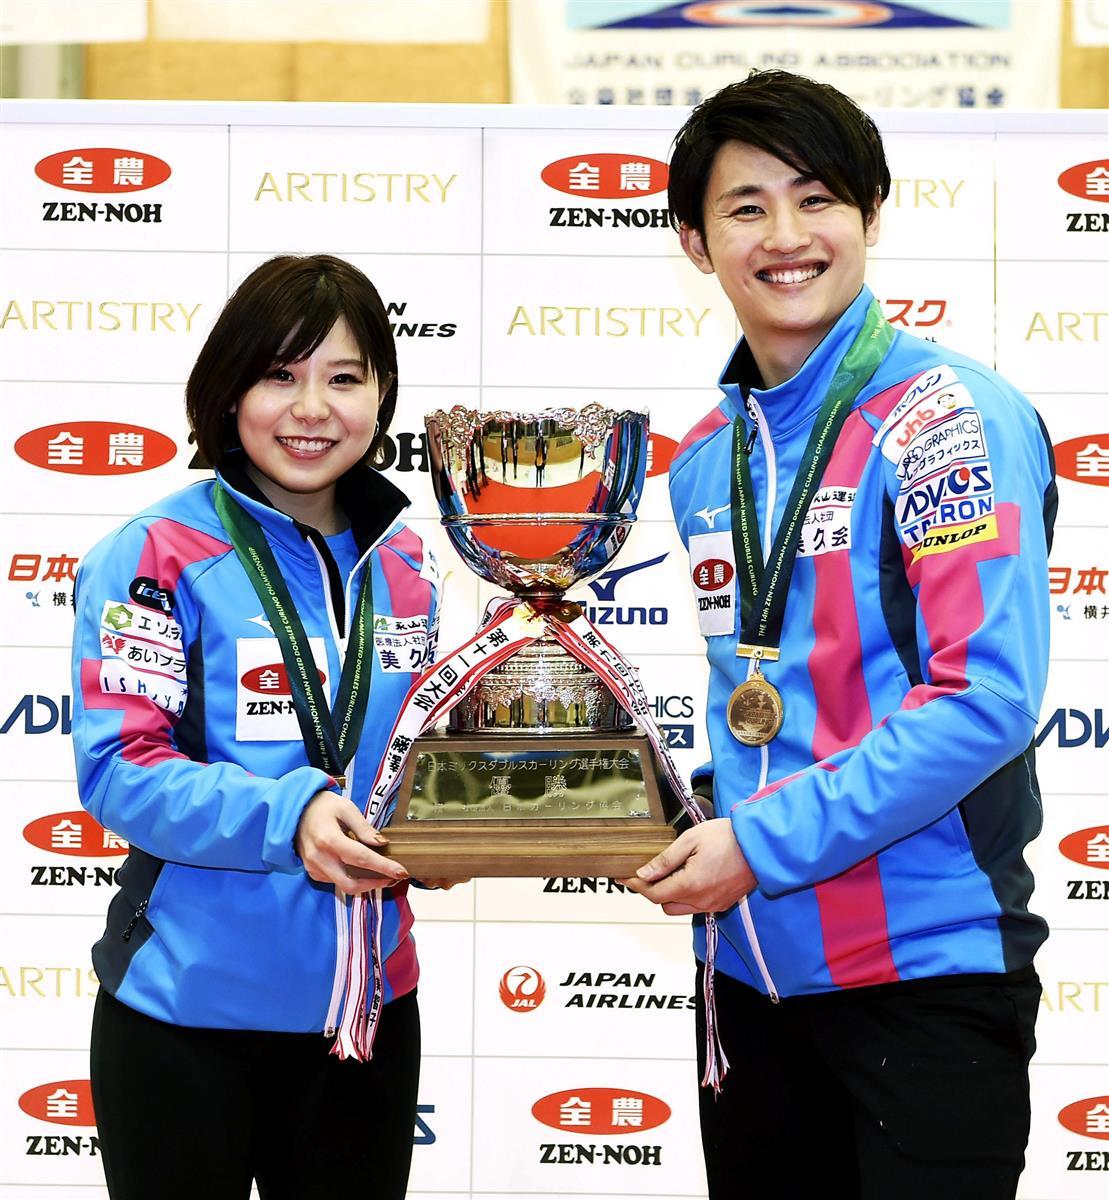 吉田夕、松村組が初優勝 カーリング混合ダブルス